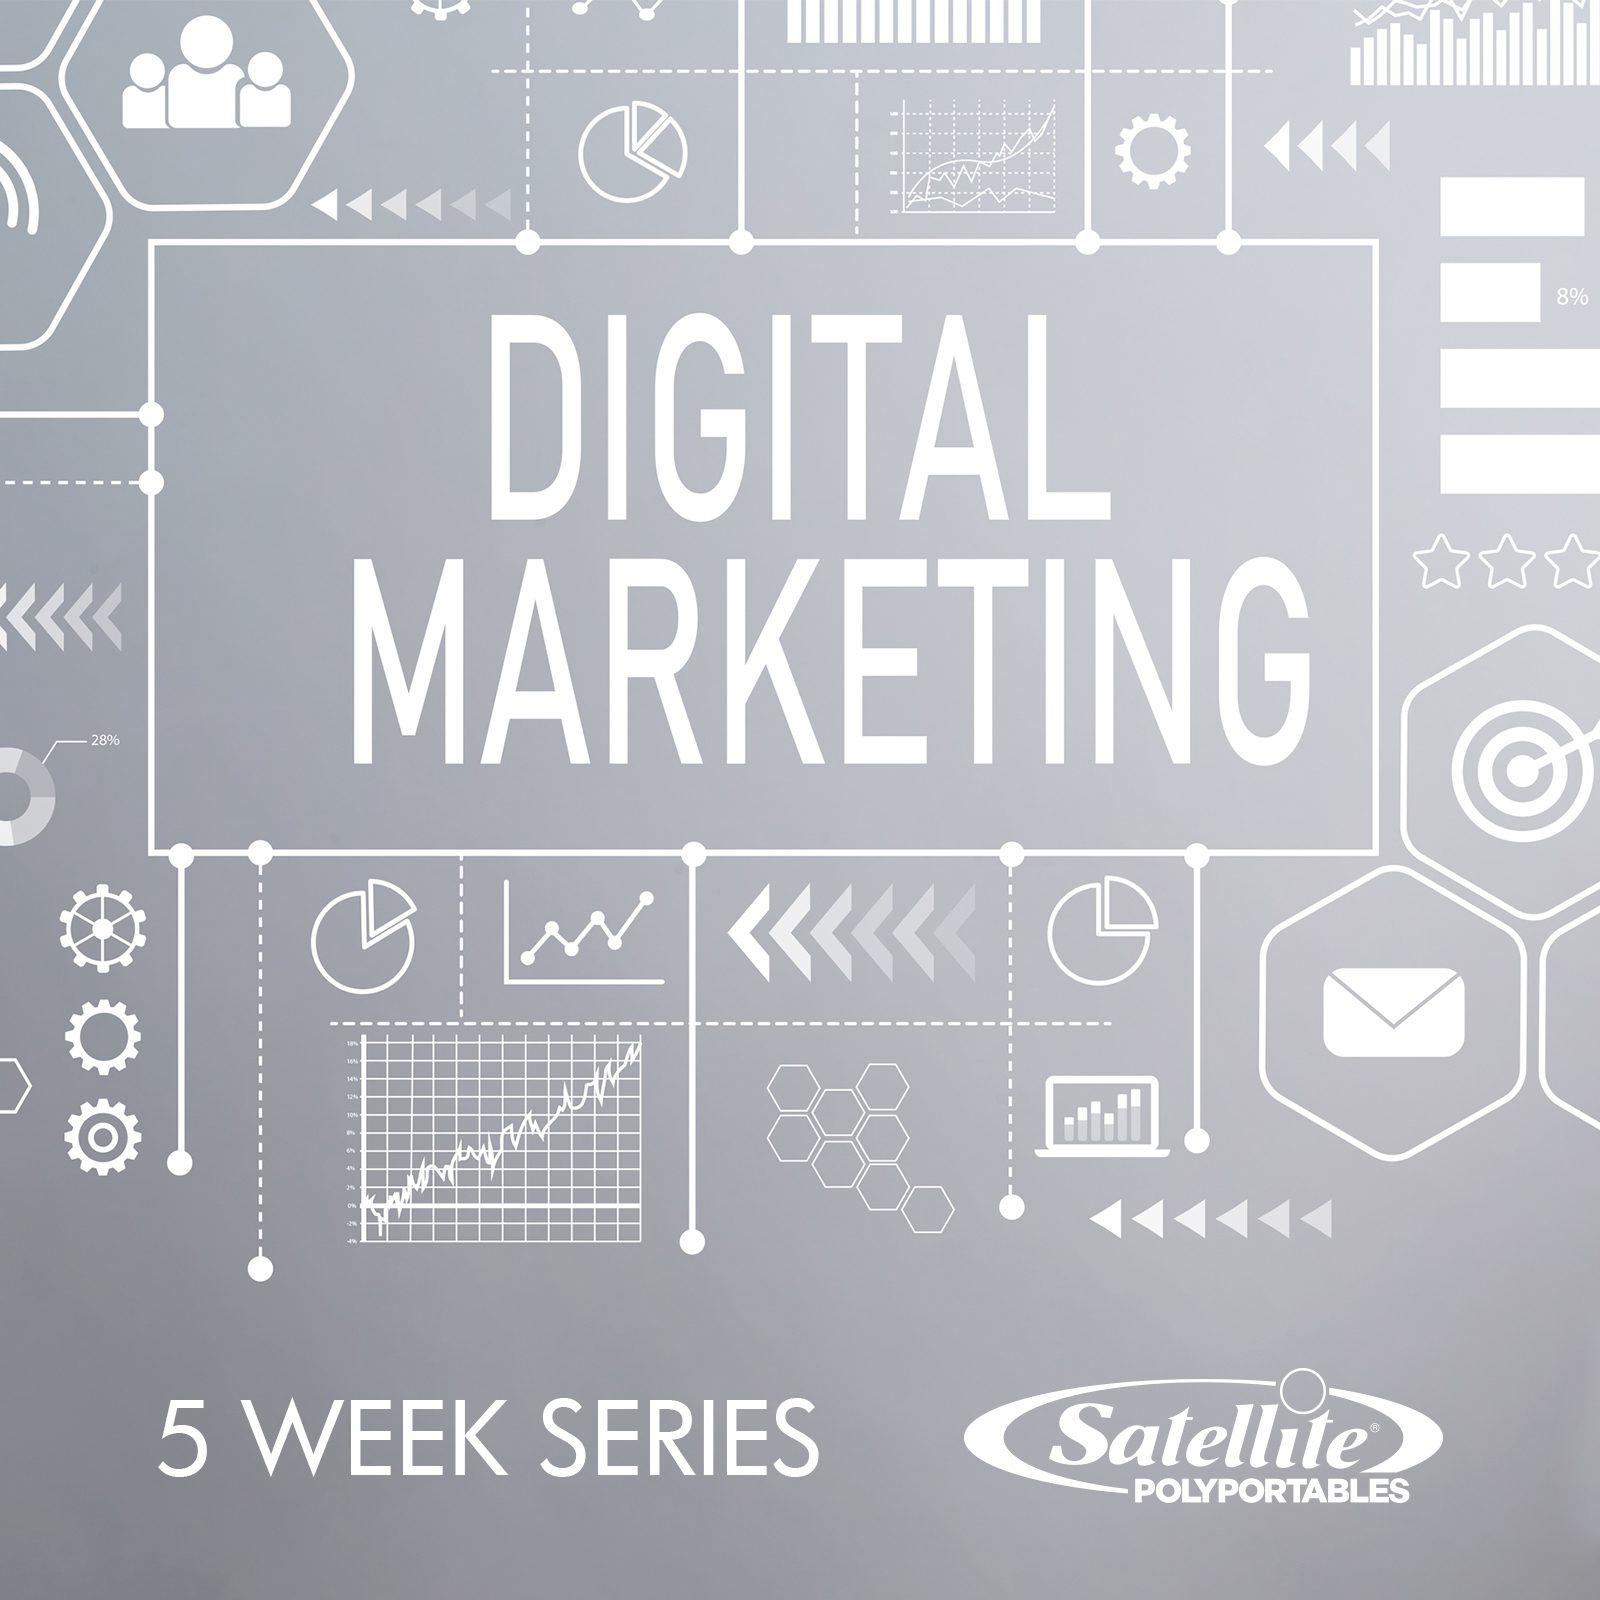 Digital Marketing Tips Header